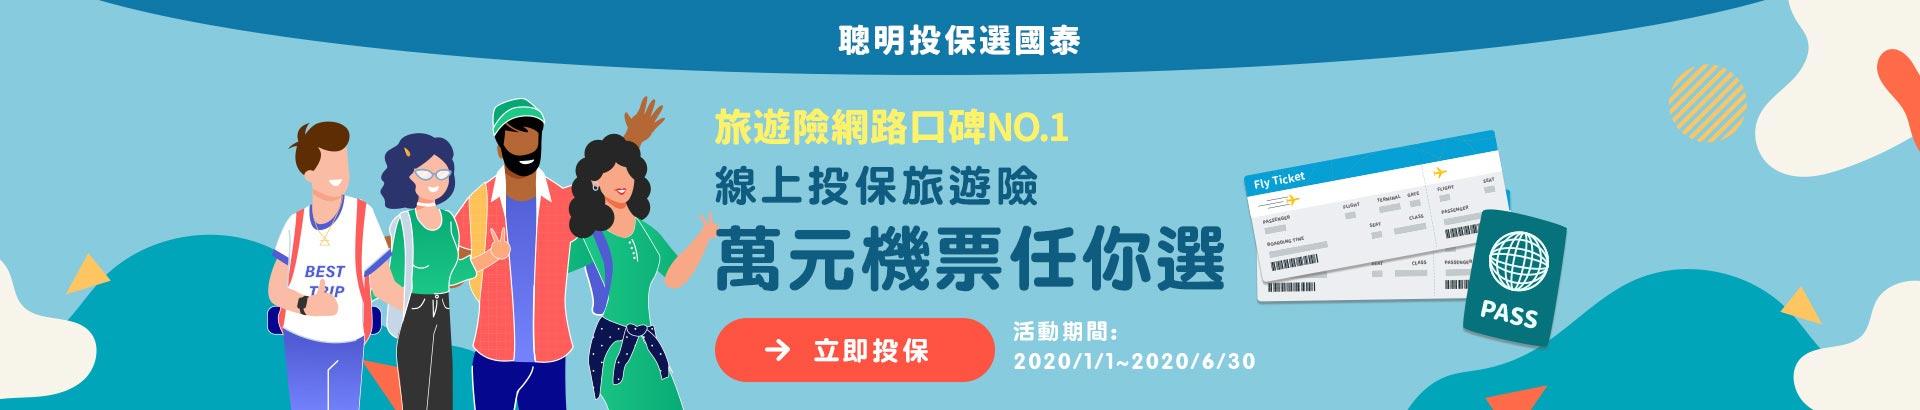 國泰旅遊險 網友推薦NO.1